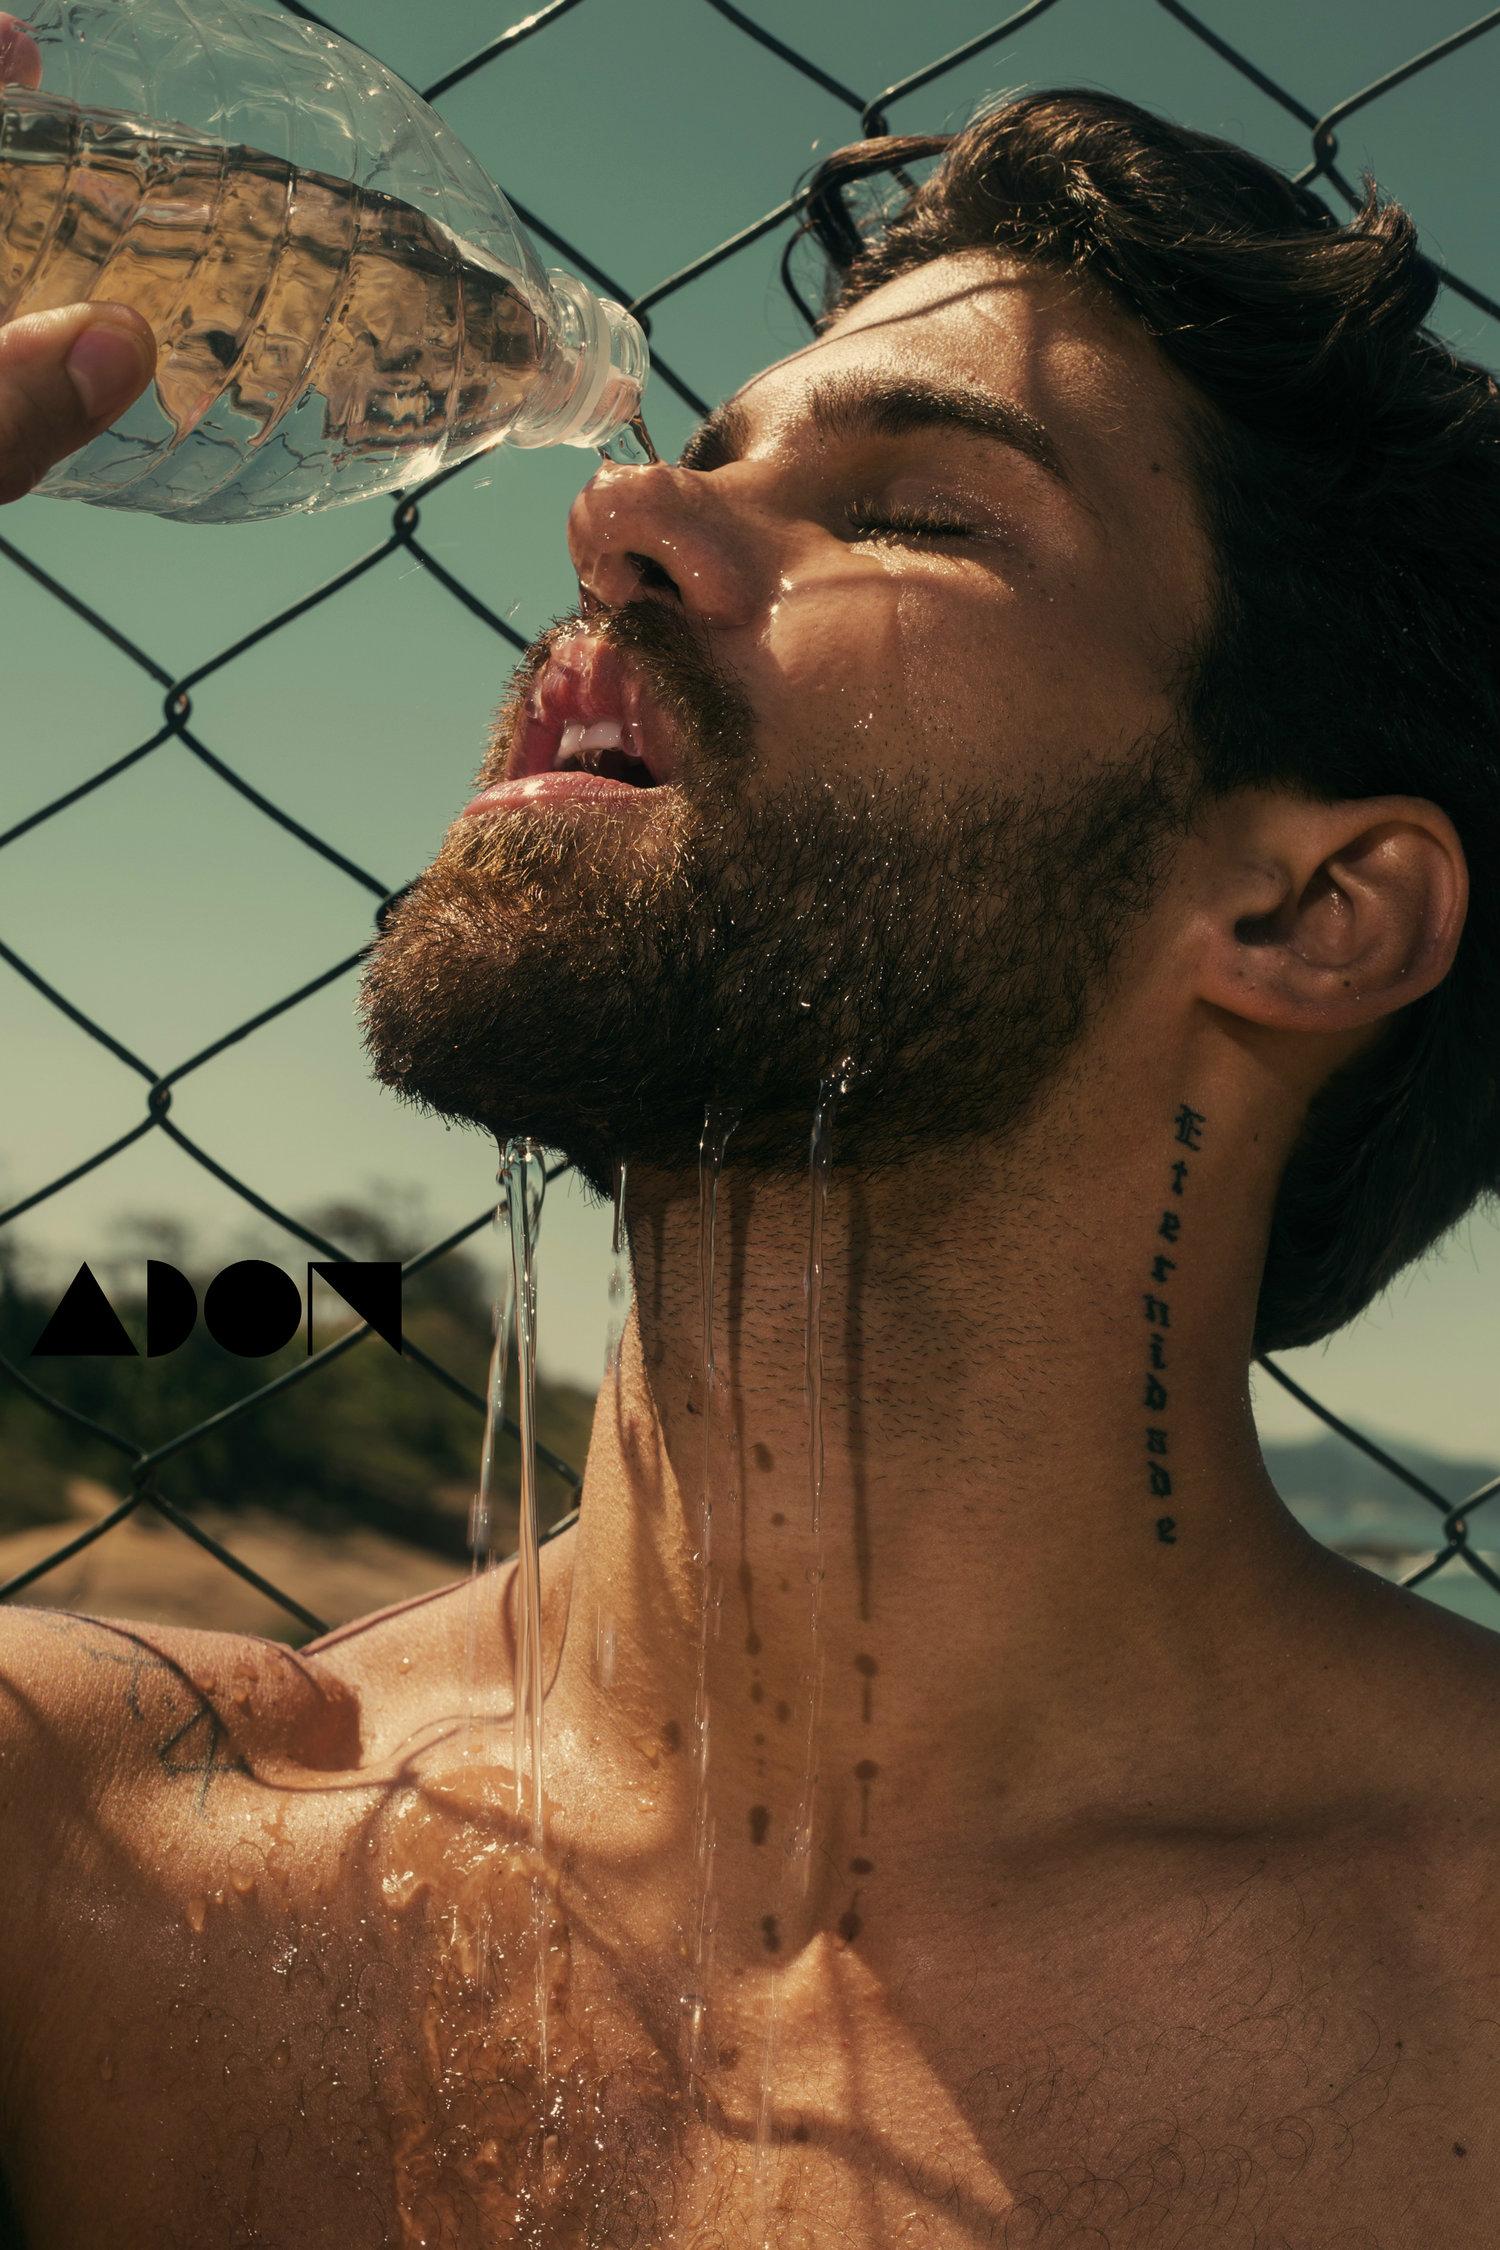 Adon Exclusive: Model Rodrigo Westermann By Pedro Gualberto